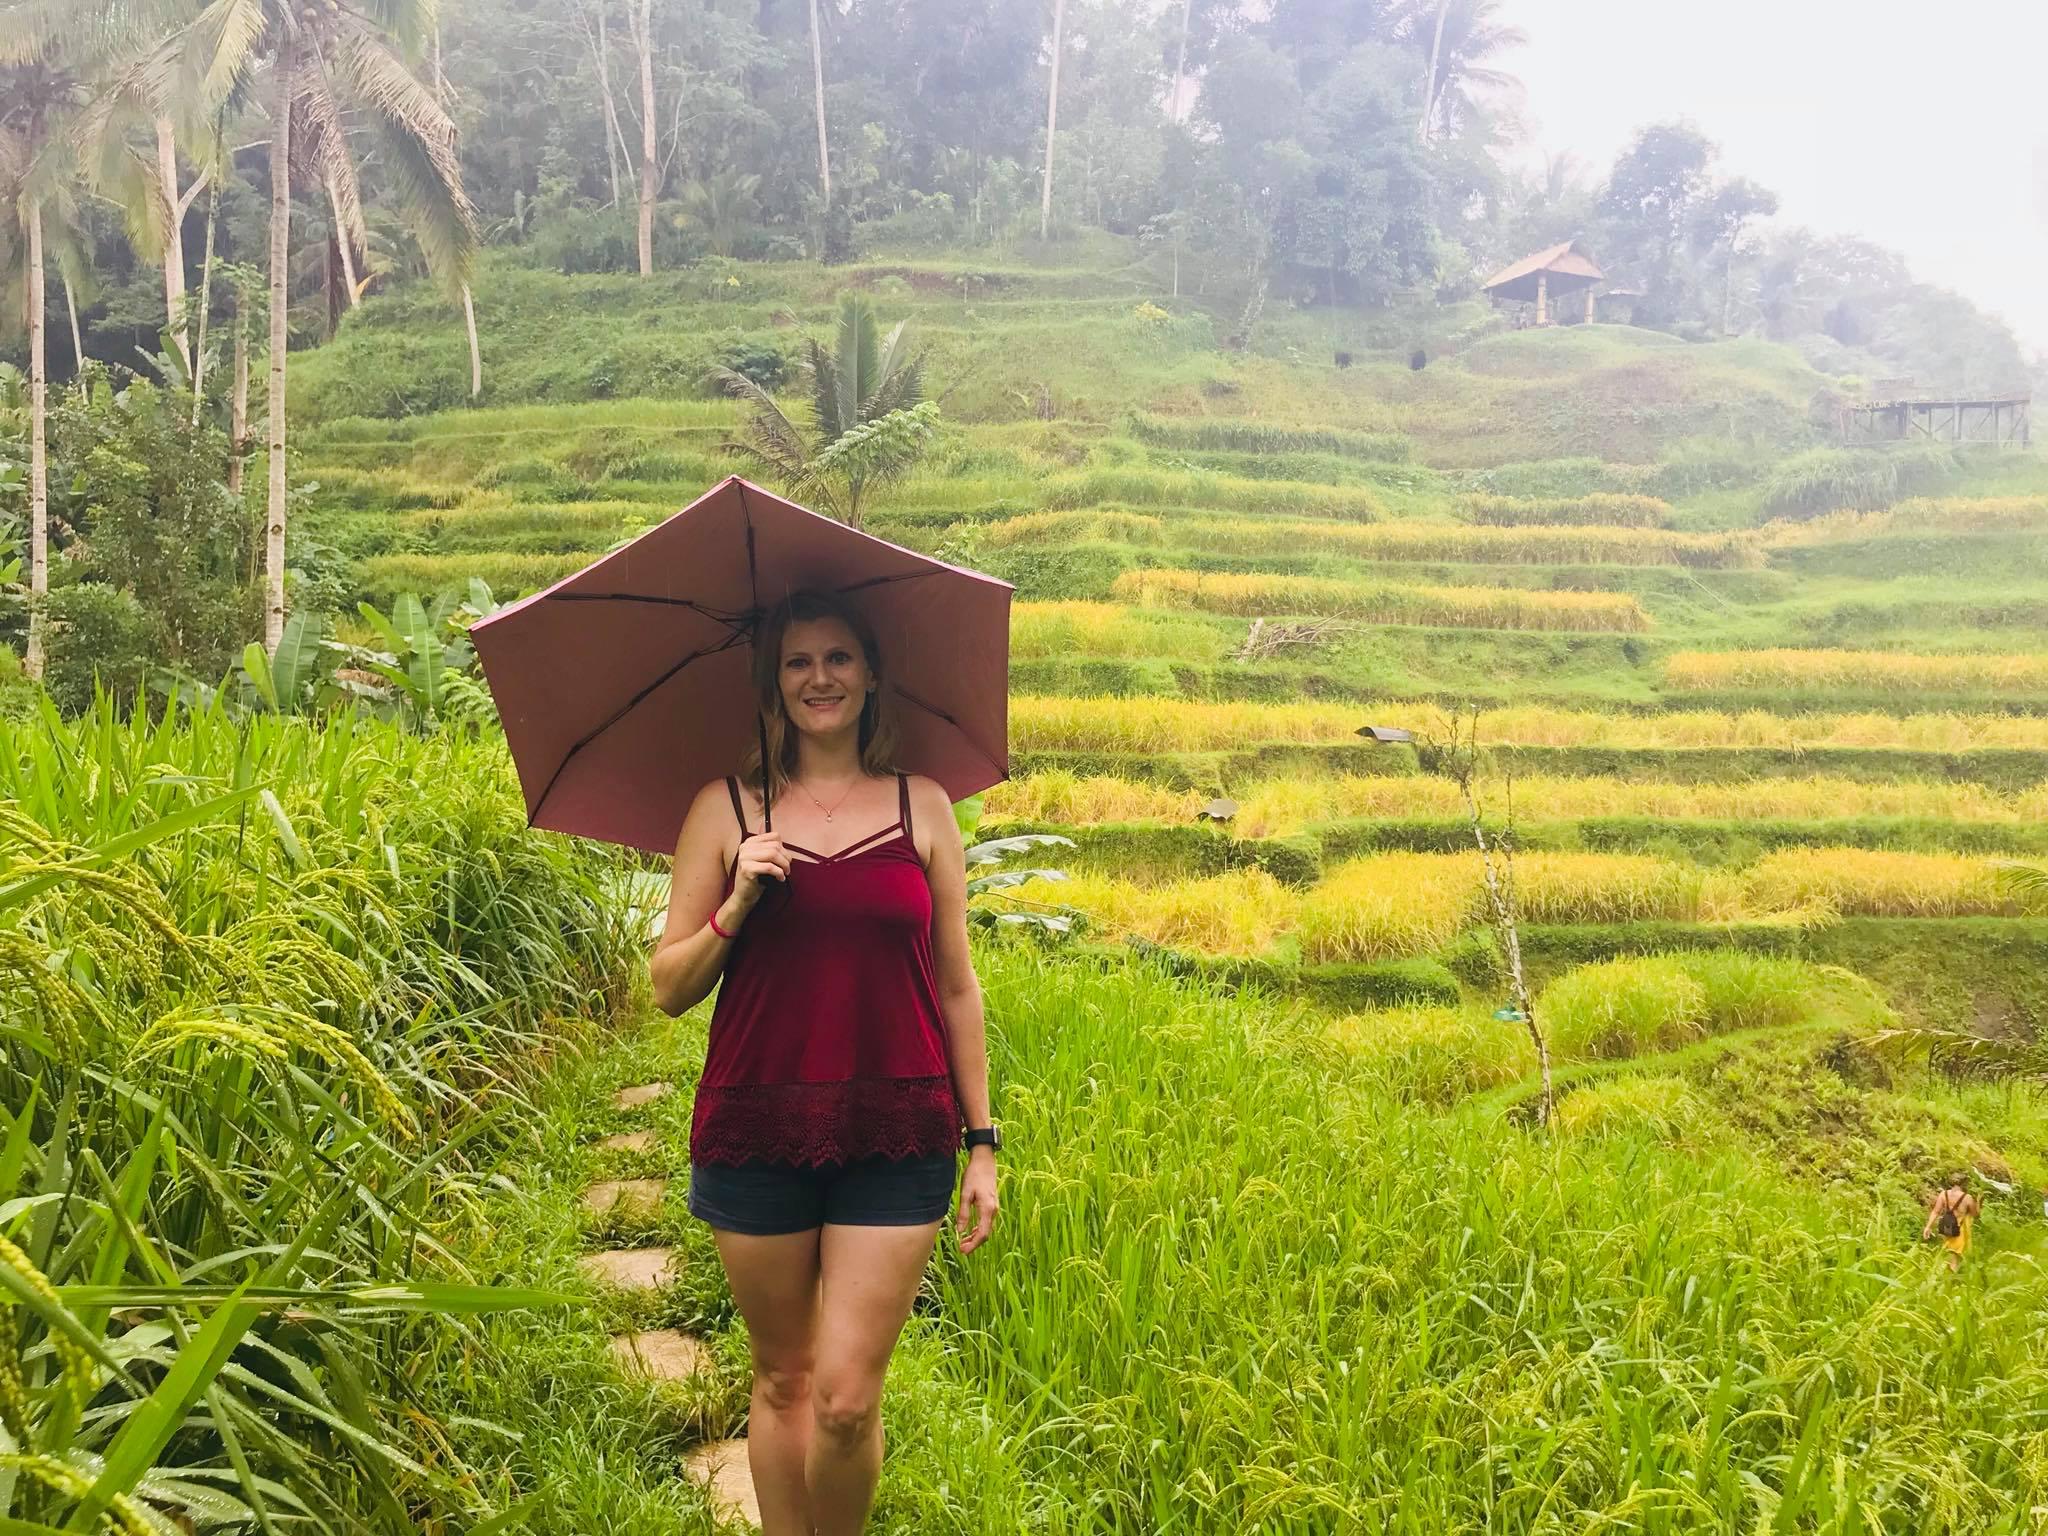 Chelsea Lew in Bali